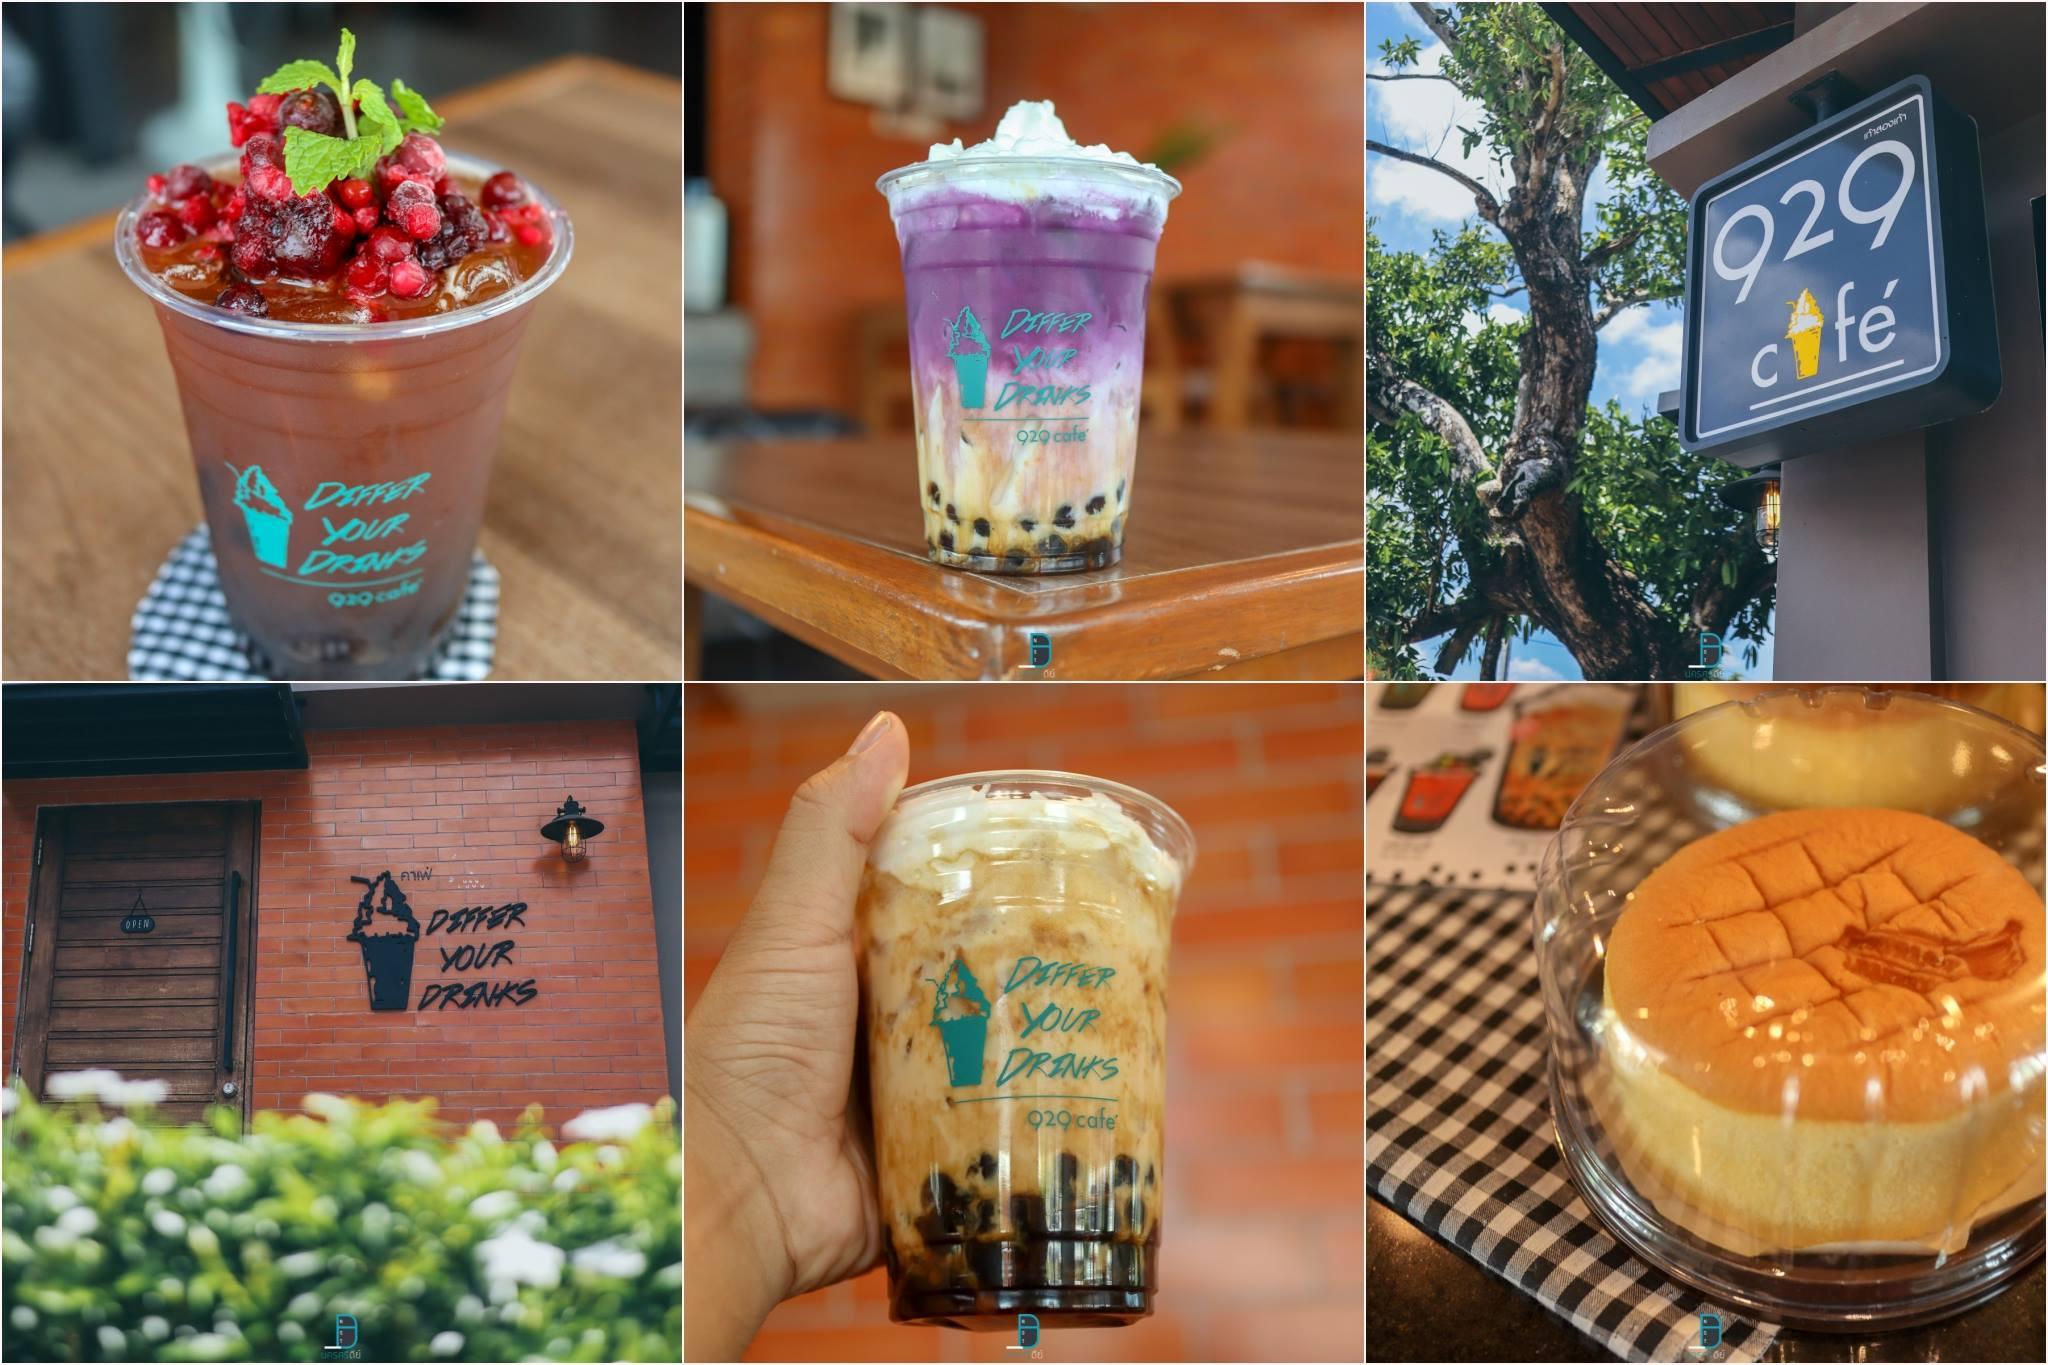 คาเฟ่,นครศรีธรรมราช,2021,จุดกิน,ของกิน,วิวหลักล้าน,ร้านกาแฟ